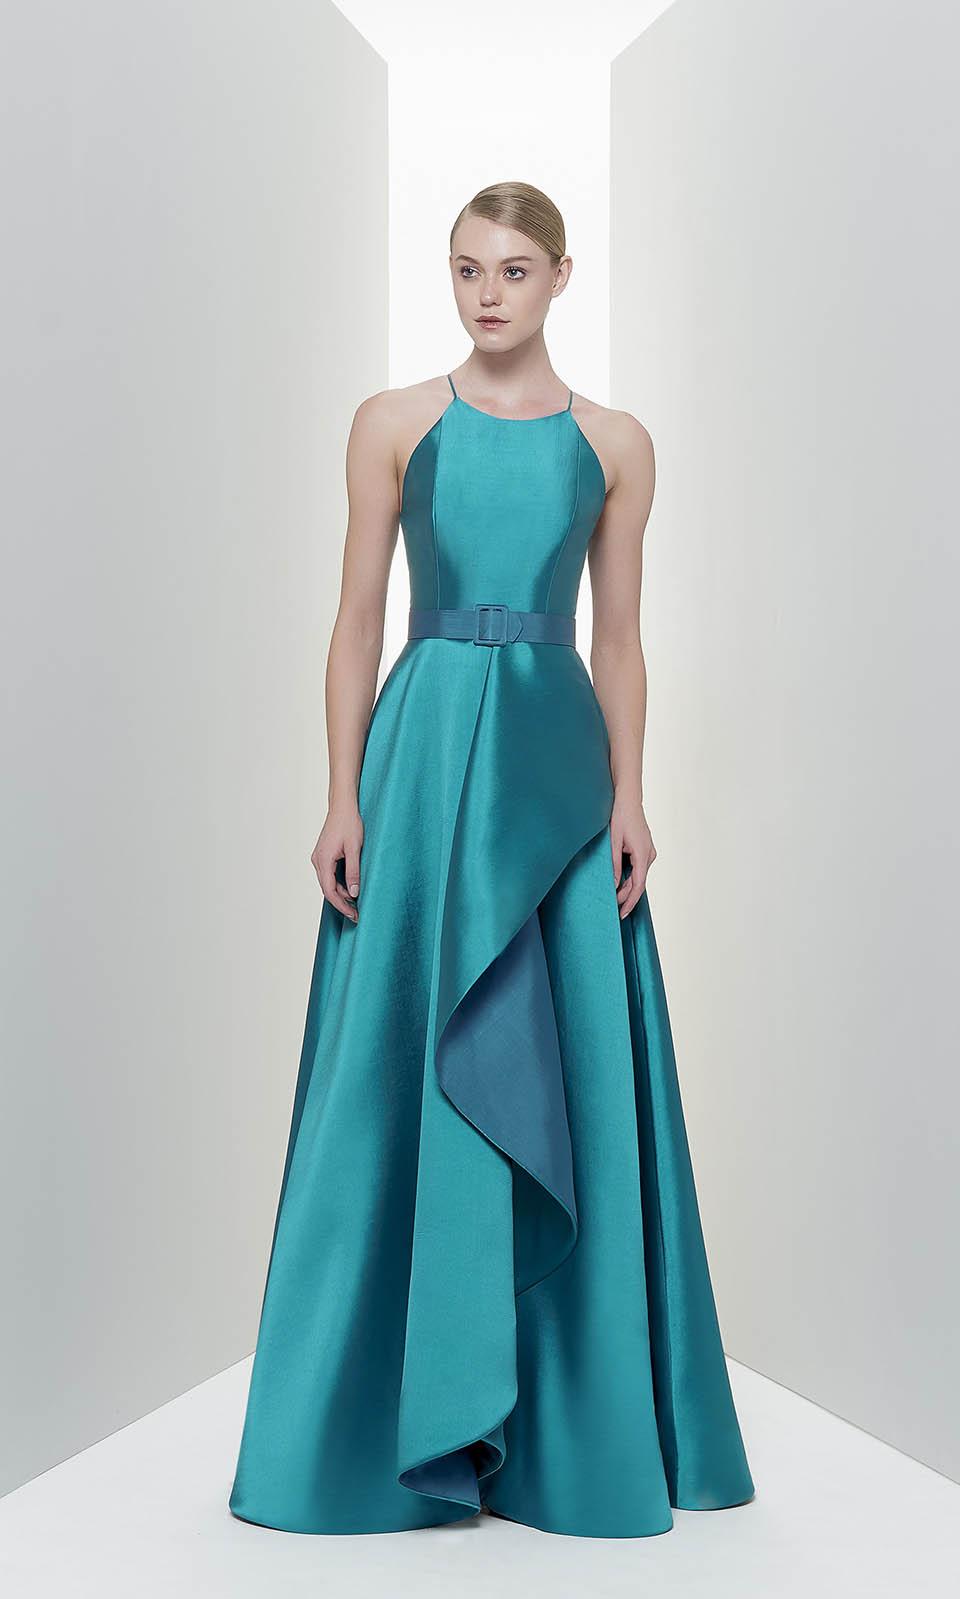 Vestidos de formatura minimalistas